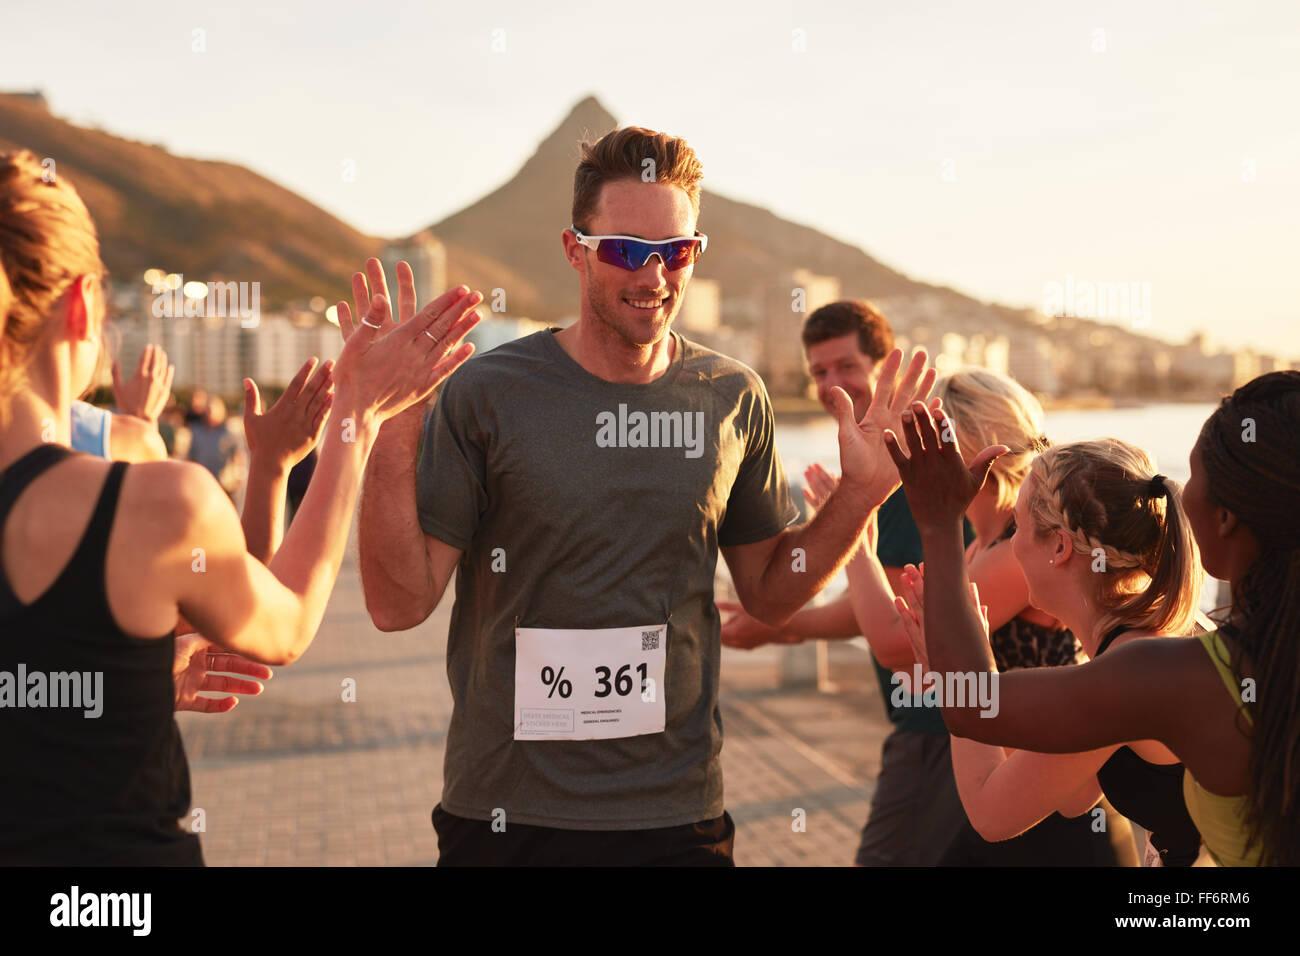 Groupe de jeunes adultes et d'encourager un athlète masculin fiving haut traversant la ligne d'arrivée. Photo Stock